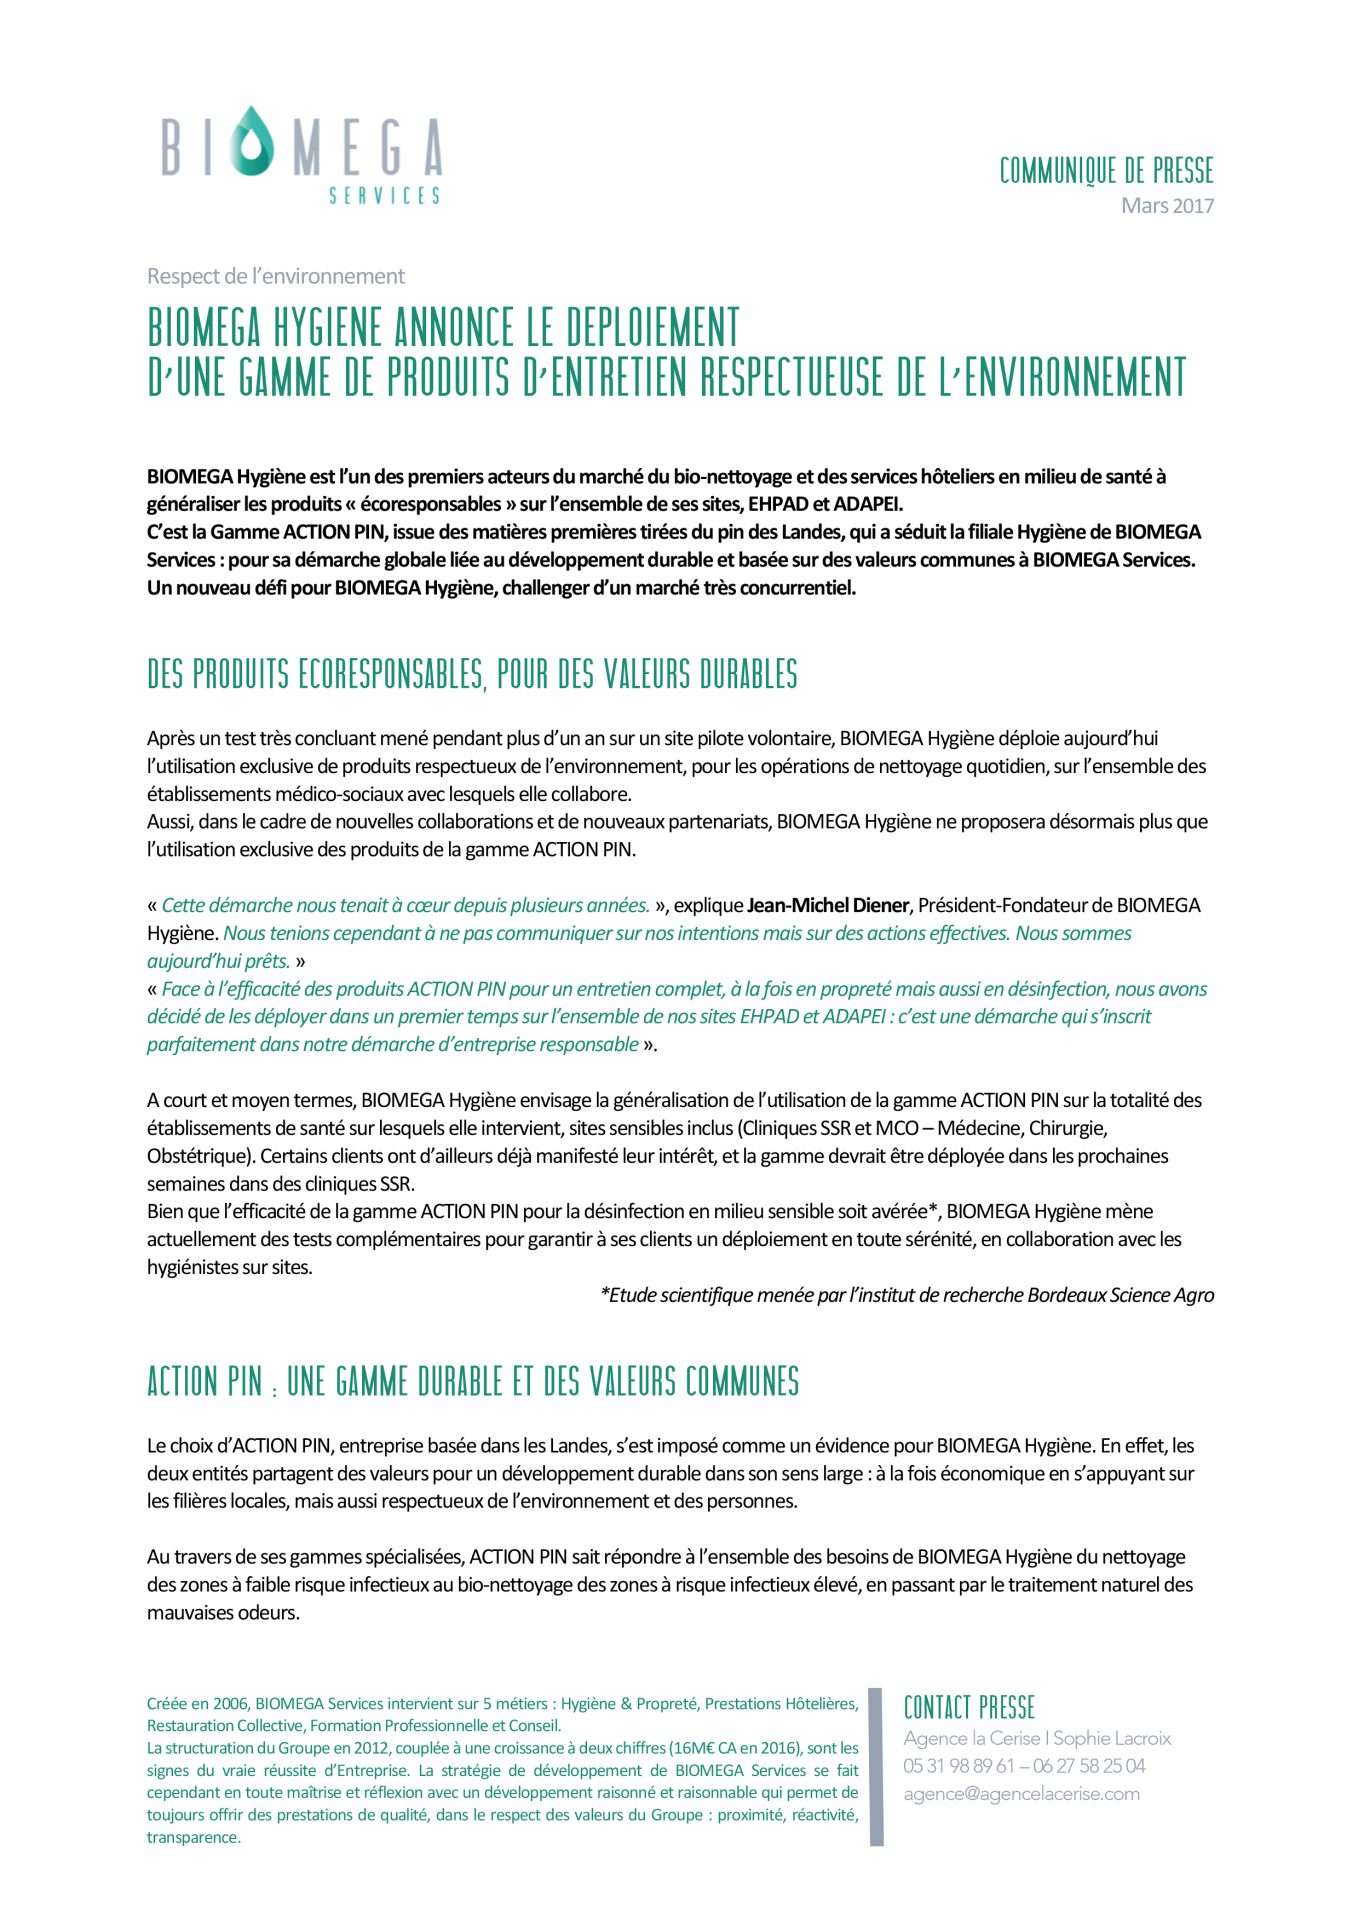 Biomega services - Communiqué de presse - Agence La Cerise